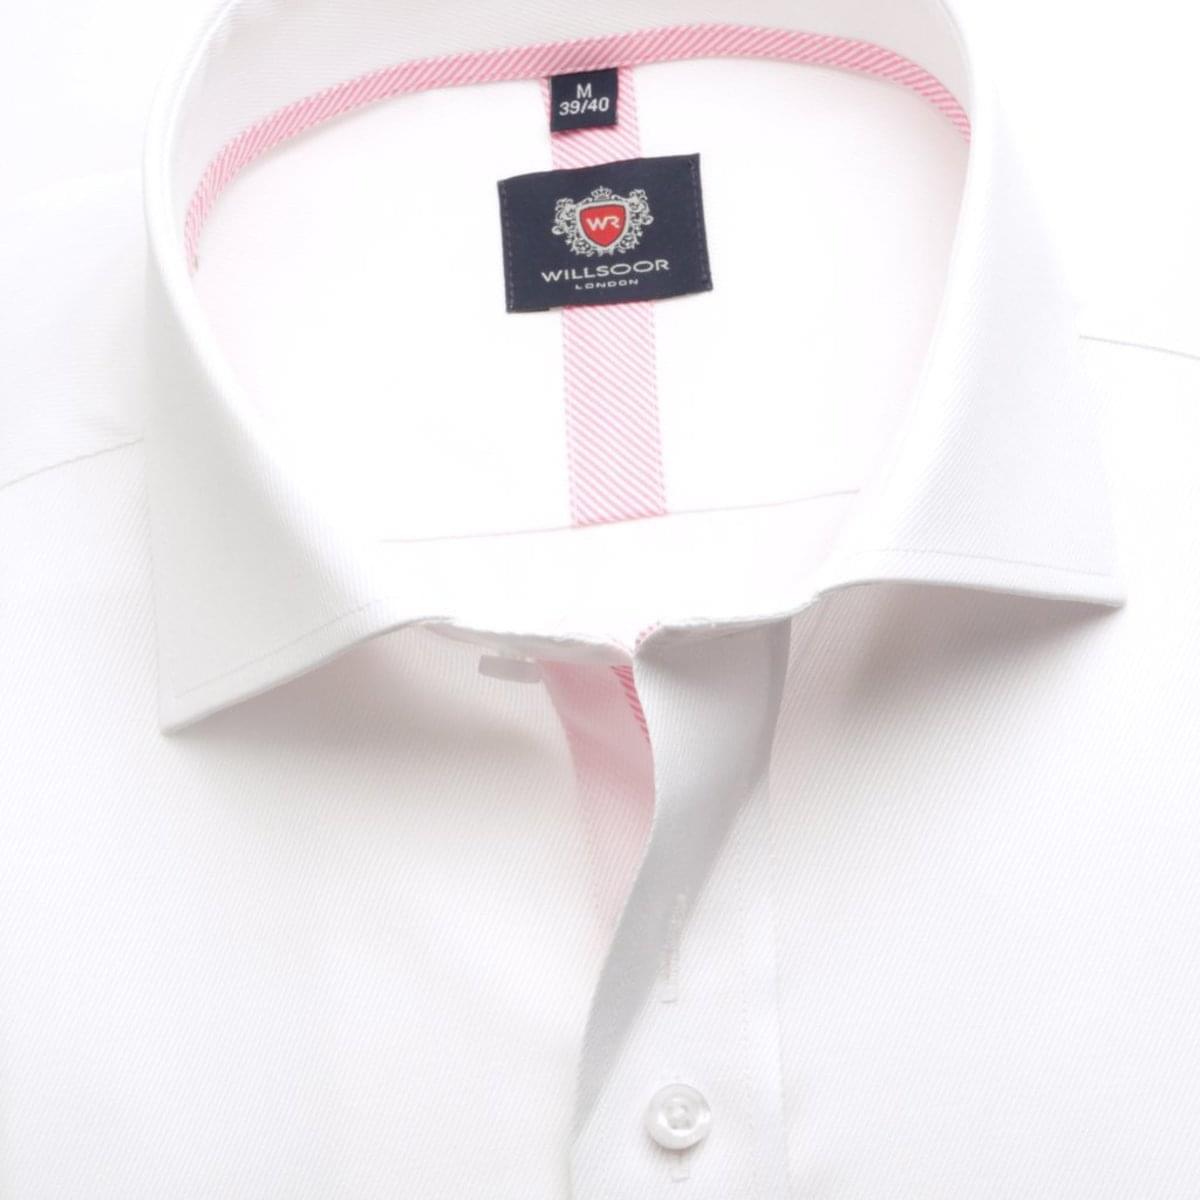 Pánská košile London v bílé barvě (výška 176-182) 5452 176-182 / XL (43/44)